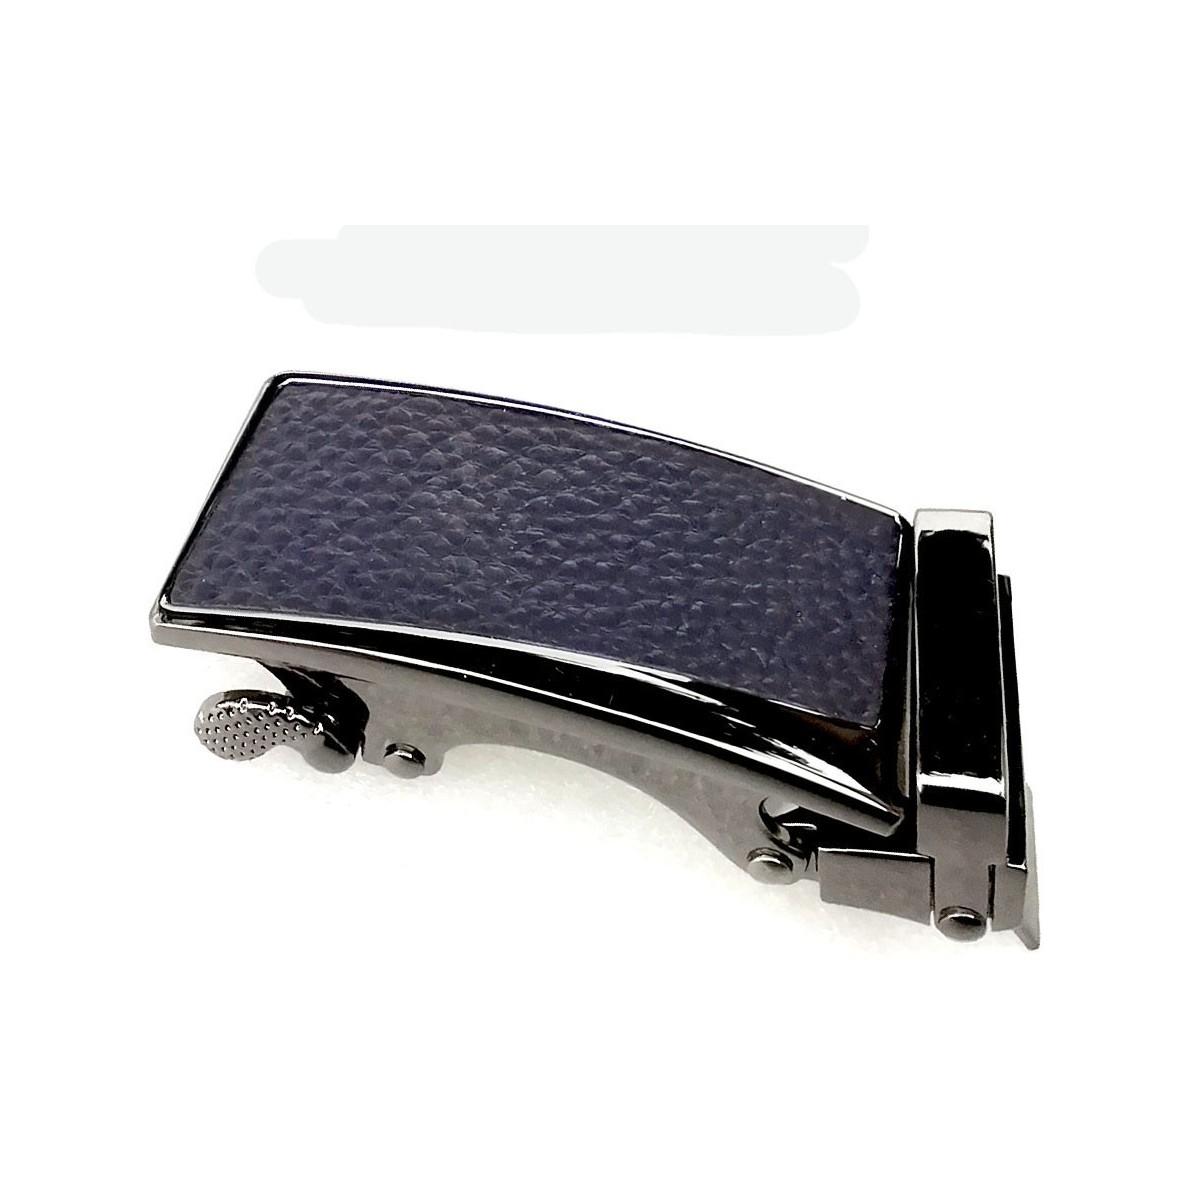 Boucle de ceinture Femme à fermeture automatique plaque grain cuir bleu marine